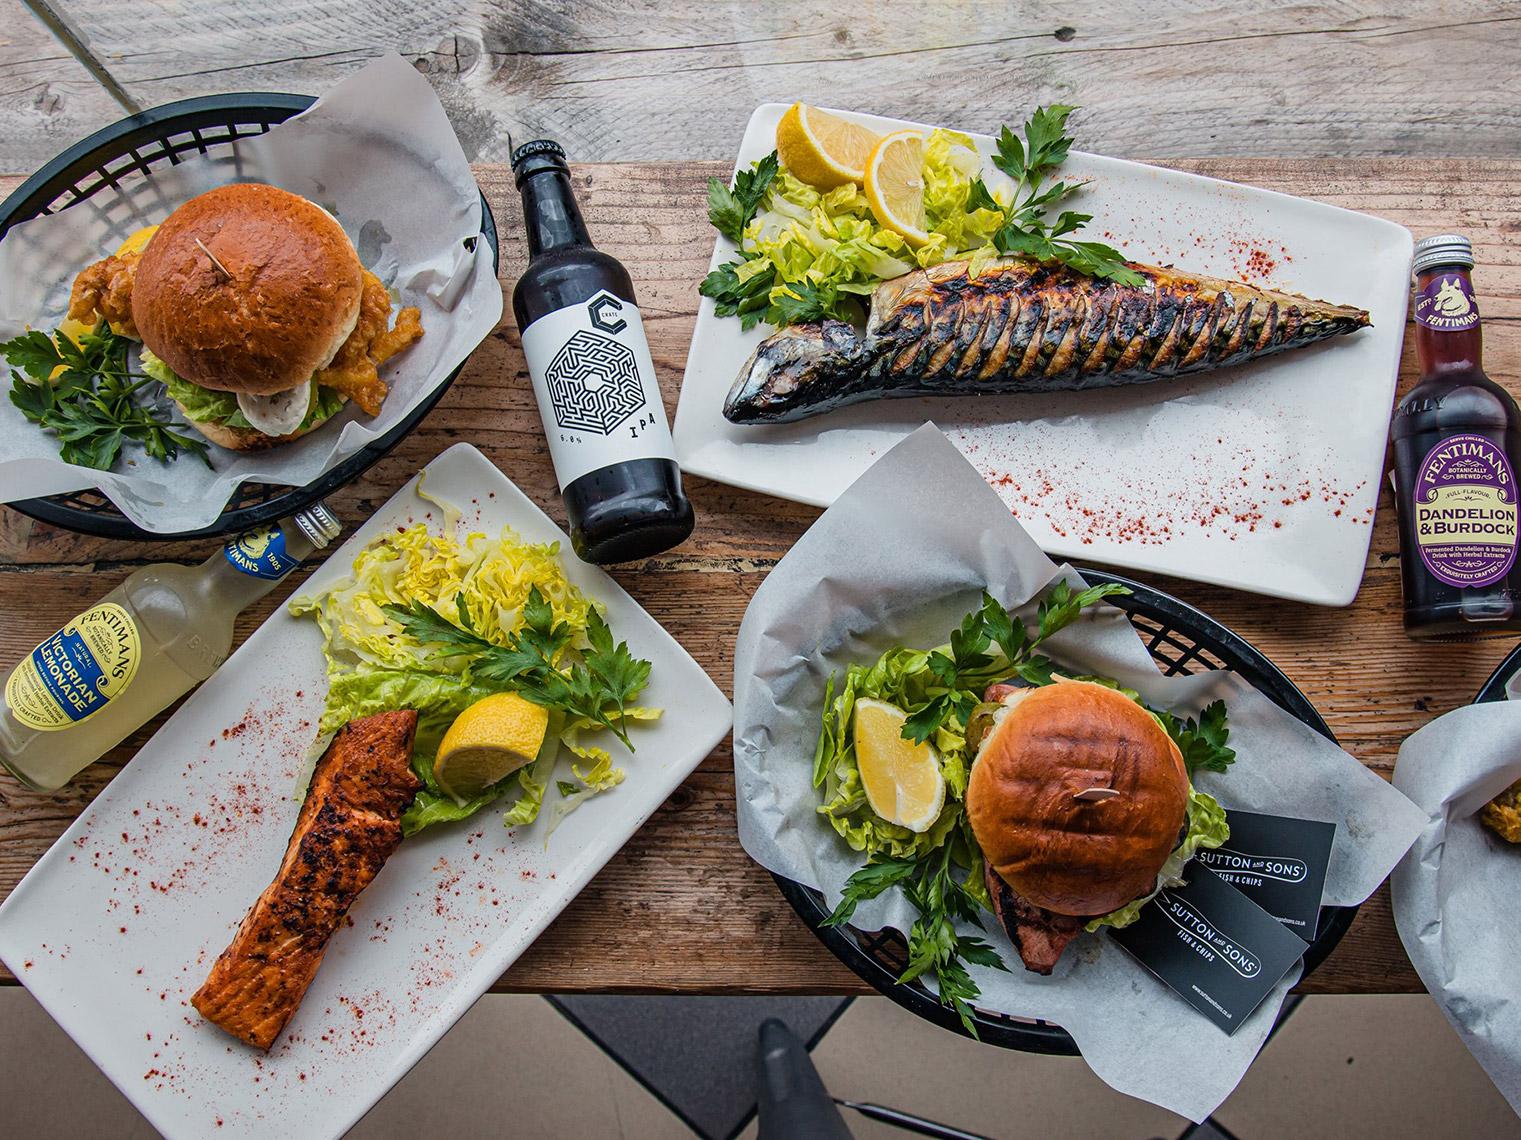 倫敦必吃9大傳統美食餐點和餐廳推薦:Sutton and Sons